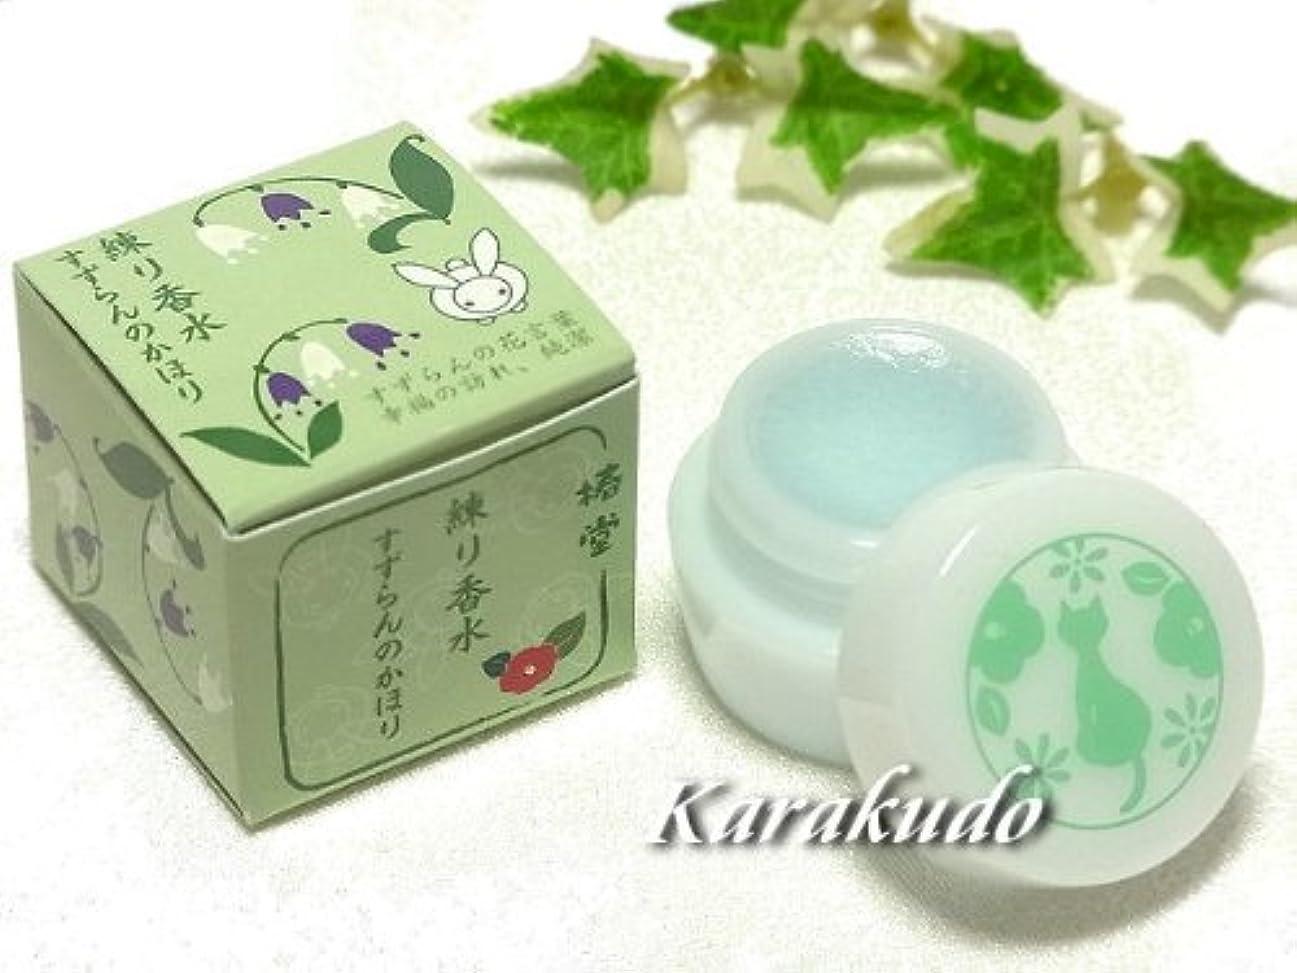 パイプラインクレデンシャル個人的な【京都くろちく】【プチ練り香水】椿堂 練り香水 すずらん